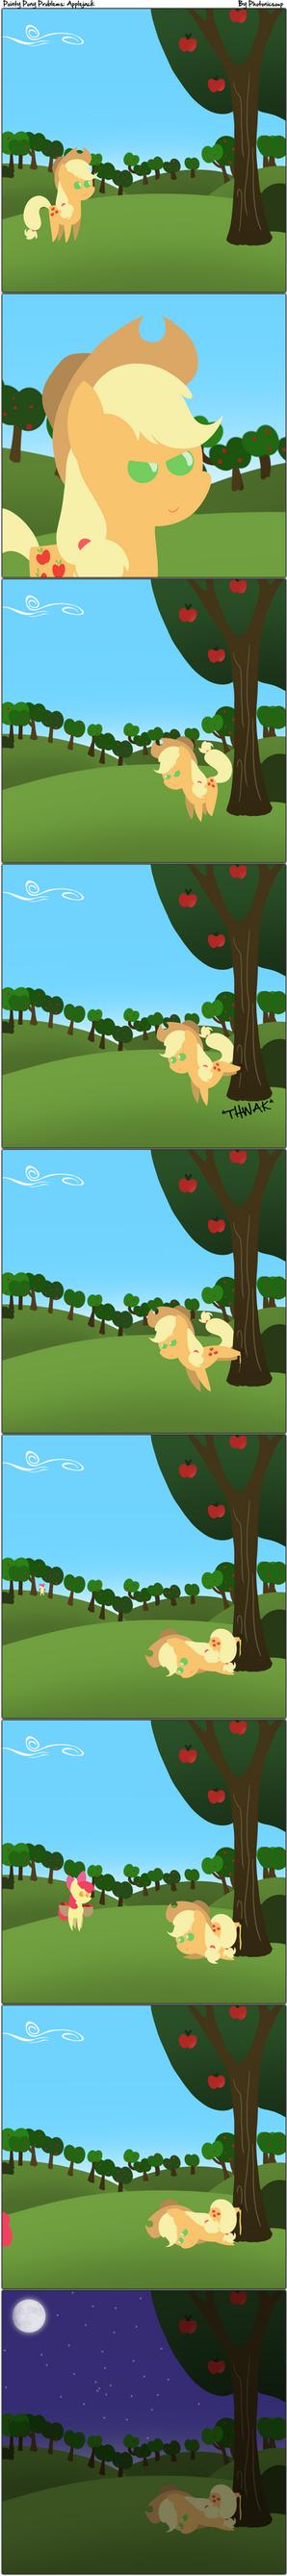 Pointy Pony Problems: Applejack by Photonicsoup